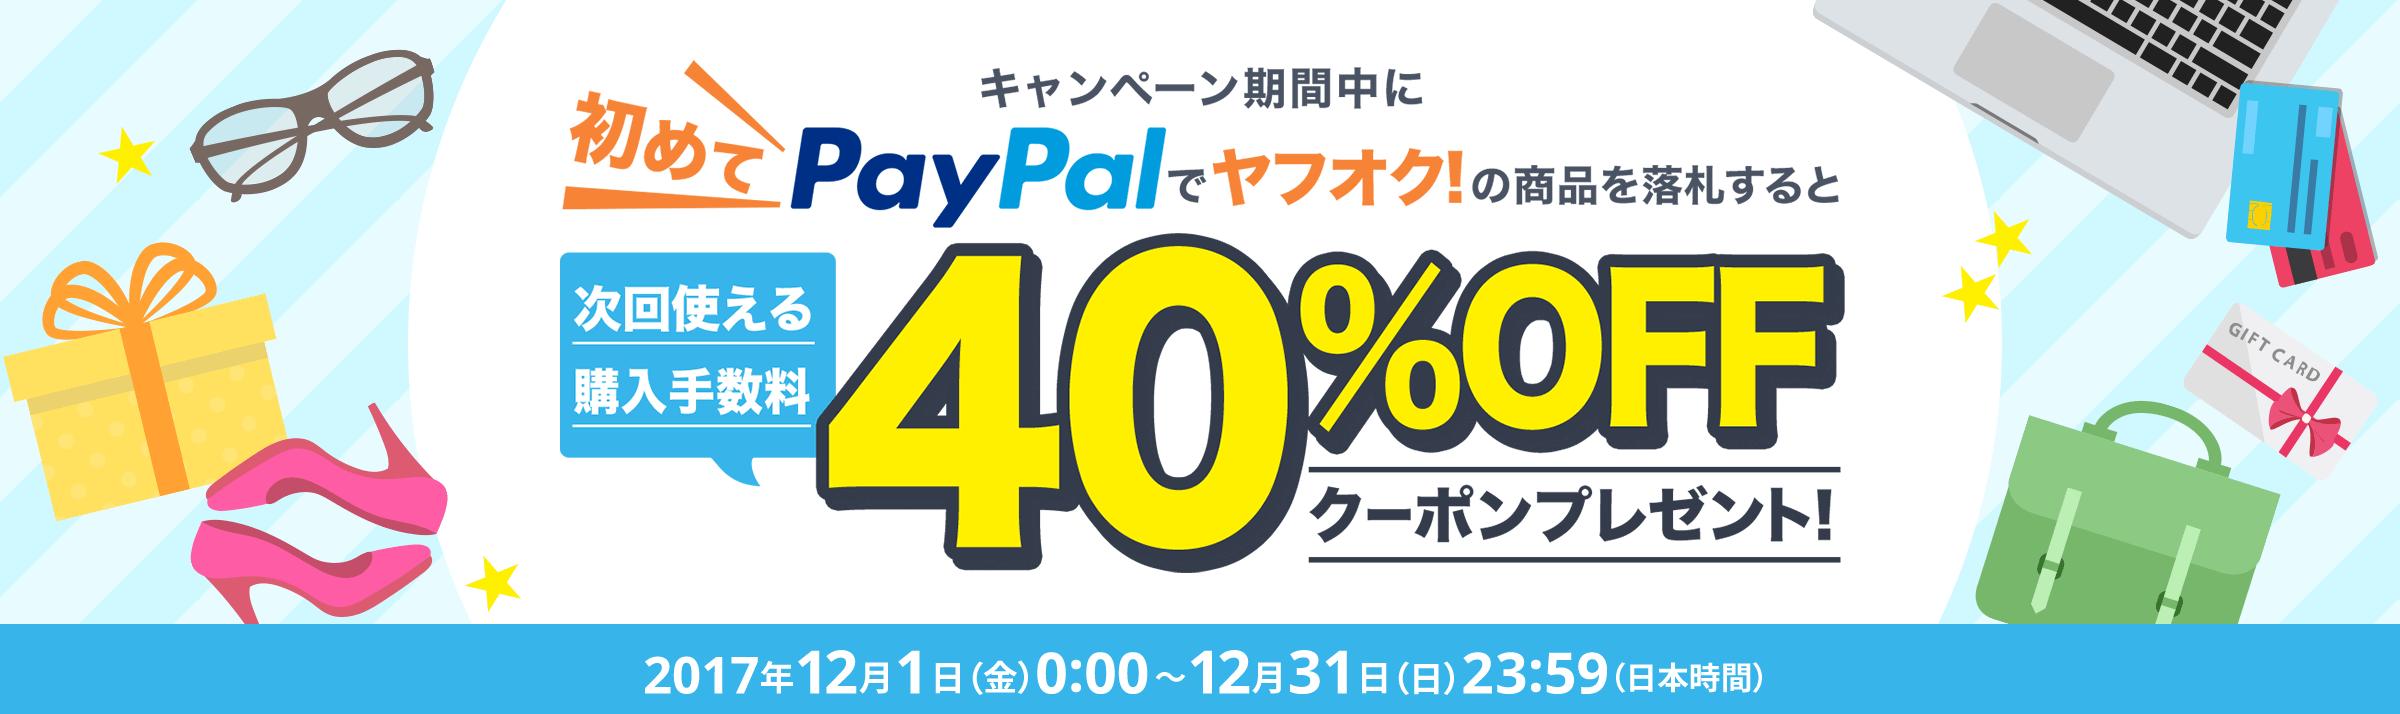 【初回限定】PayPalでヤフオク!で落札すると購入手数料40%OFFクーポンプレゼント!!